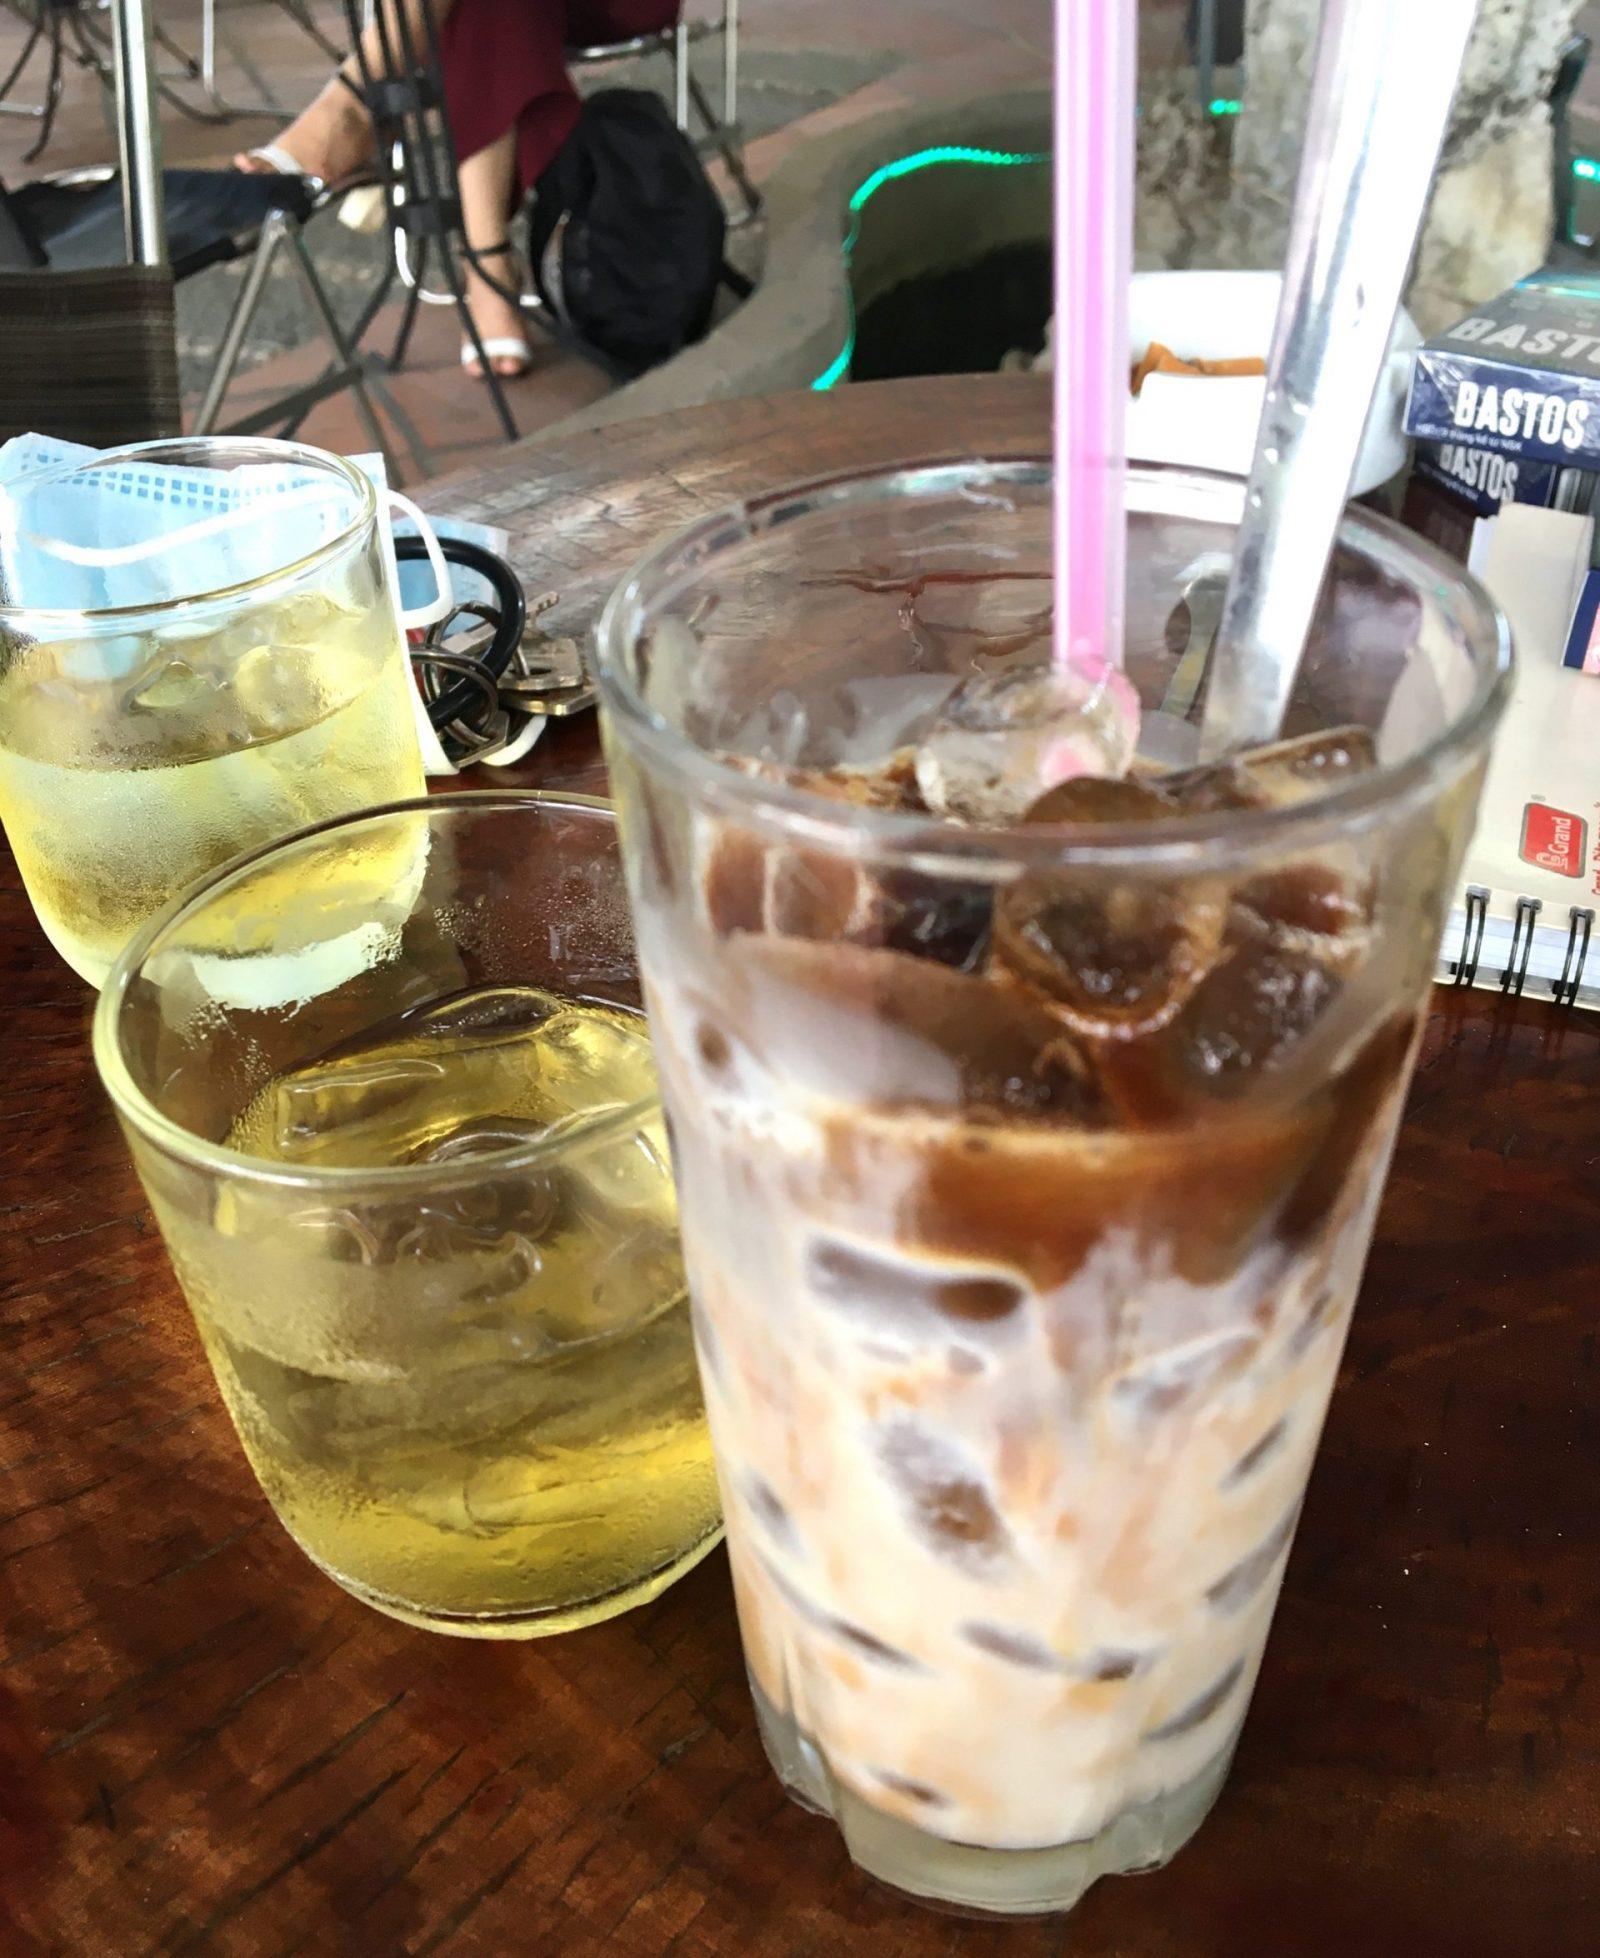 Cà phê sữa đá - Vietnamese Iced Coffee with Tea